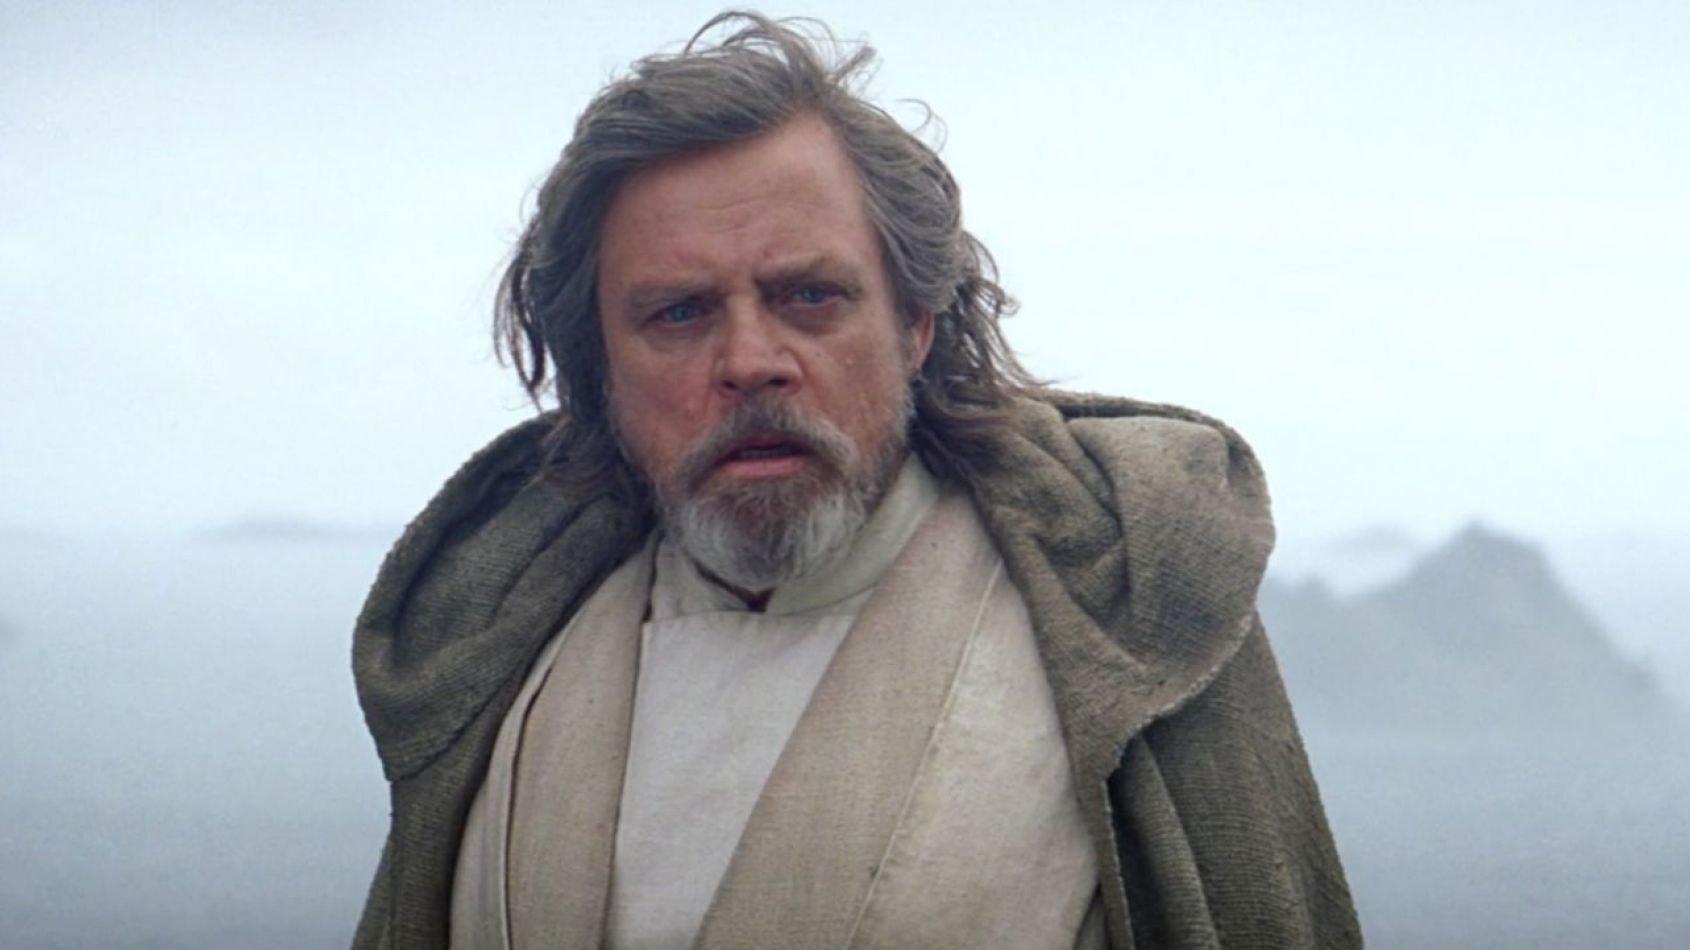 On connaît les premiers mots de Luke Skywalker dans Les Derniers Jedi